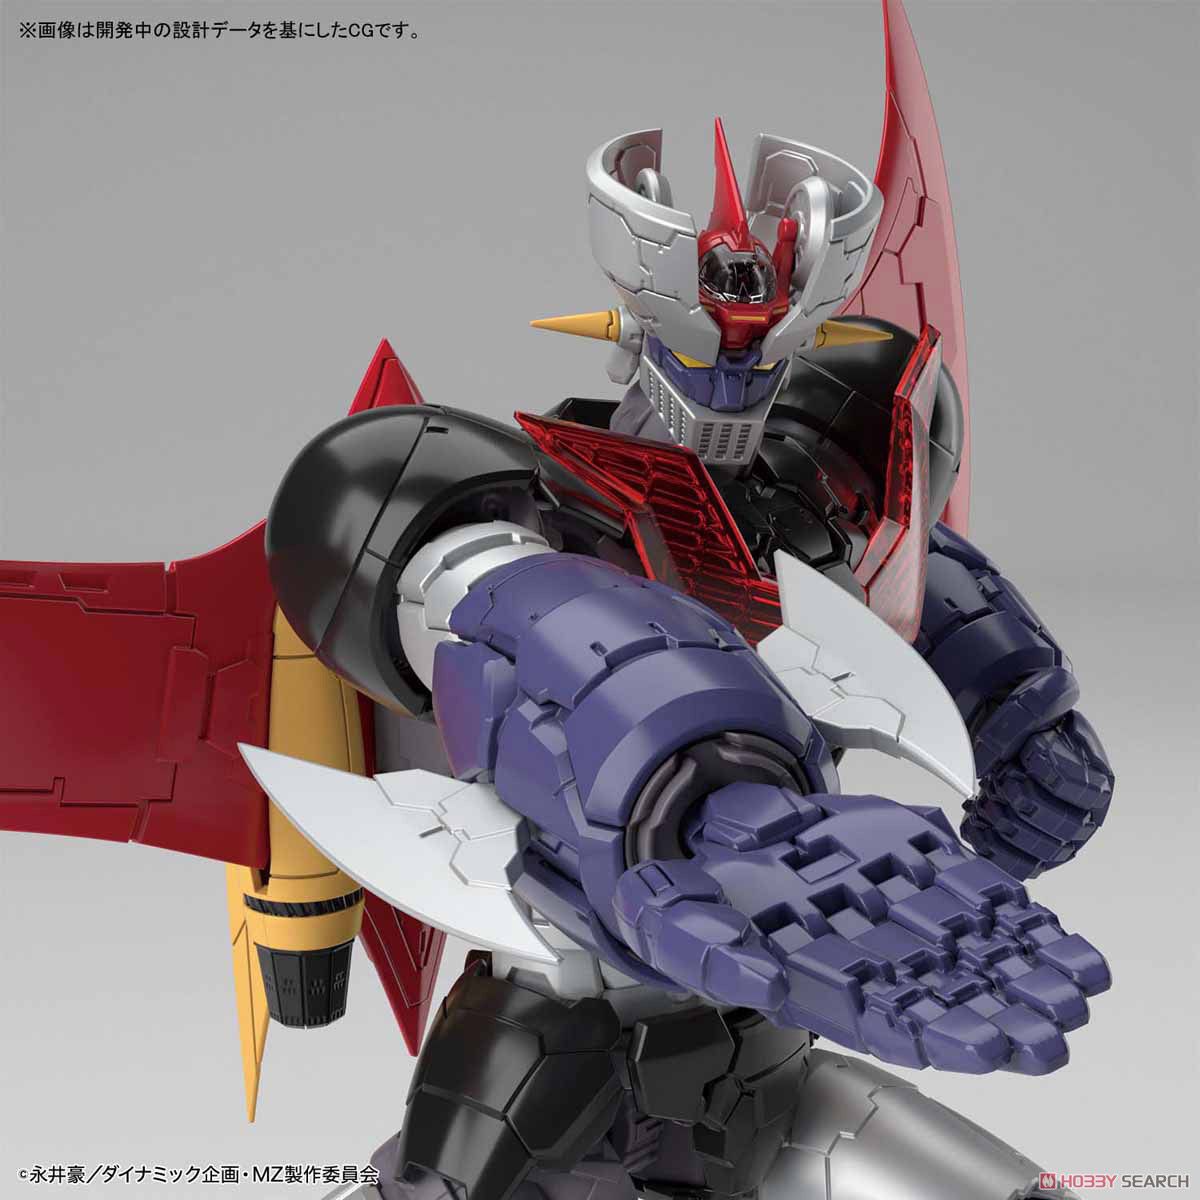 【再販】HG 1/144『マジンガーZ(マジンガーZ INFINITY Ver.)』プラモデル-006